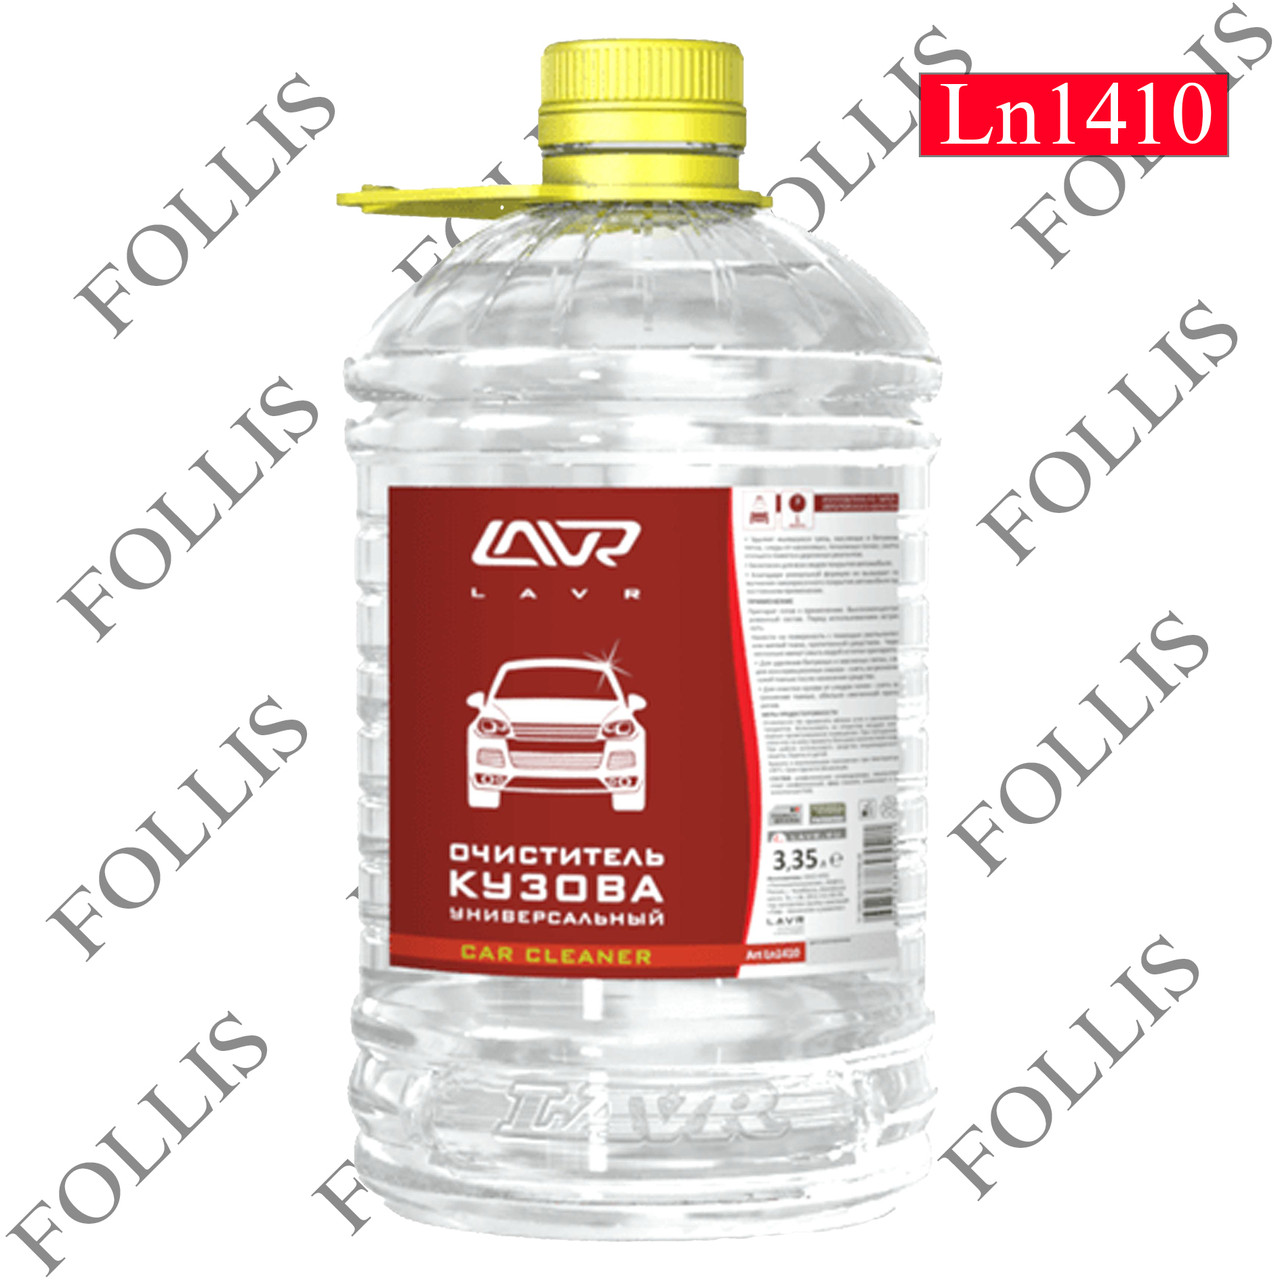 Универсальный очиститель кузова LAVR Car cleaner universal 3,35л